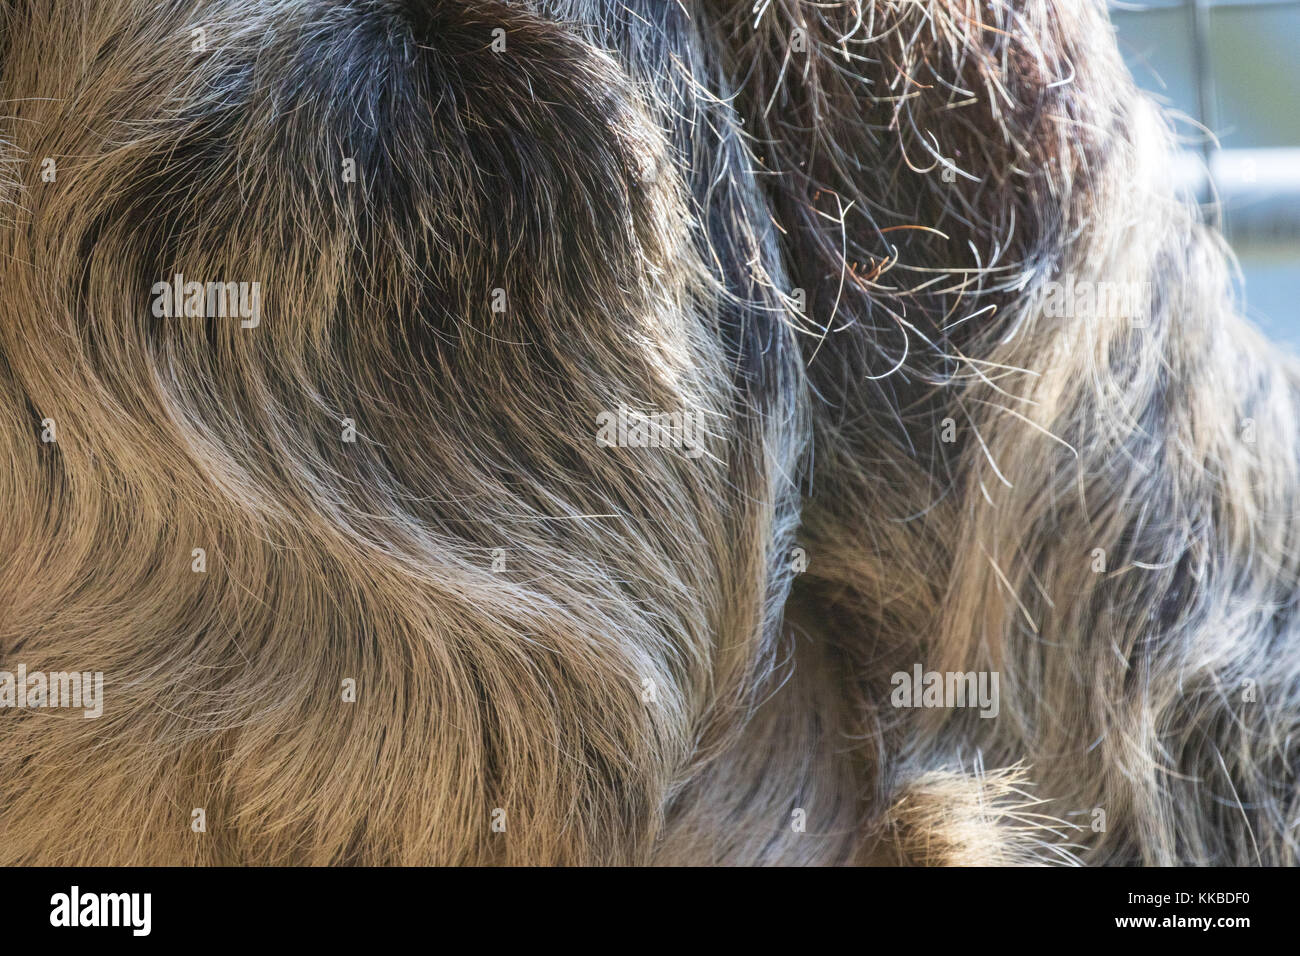 Linneo dos dedos cada sloth - choloepus didactylus - fur closeup. También conocido como espécimen cautivo unau.. centro de rehabilitación, no se puede liberar. Foto de stock